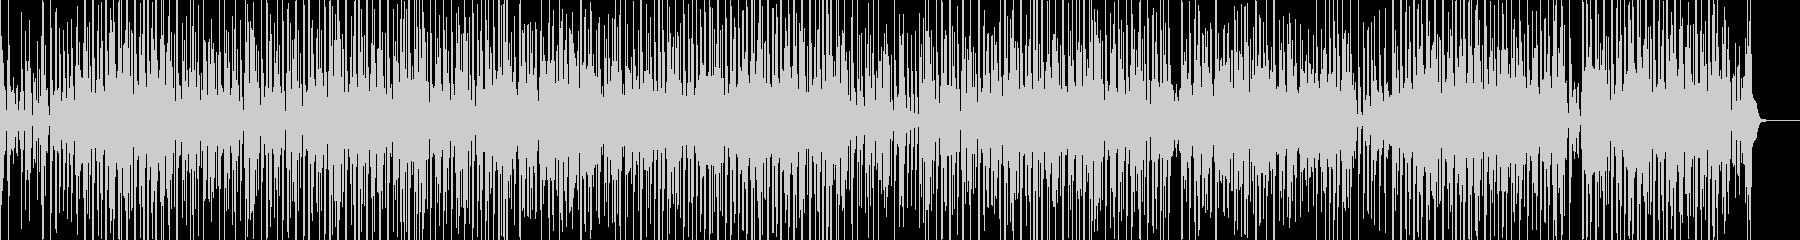 琴&三味線のファンクホップ ピアノ有の未再生の波形